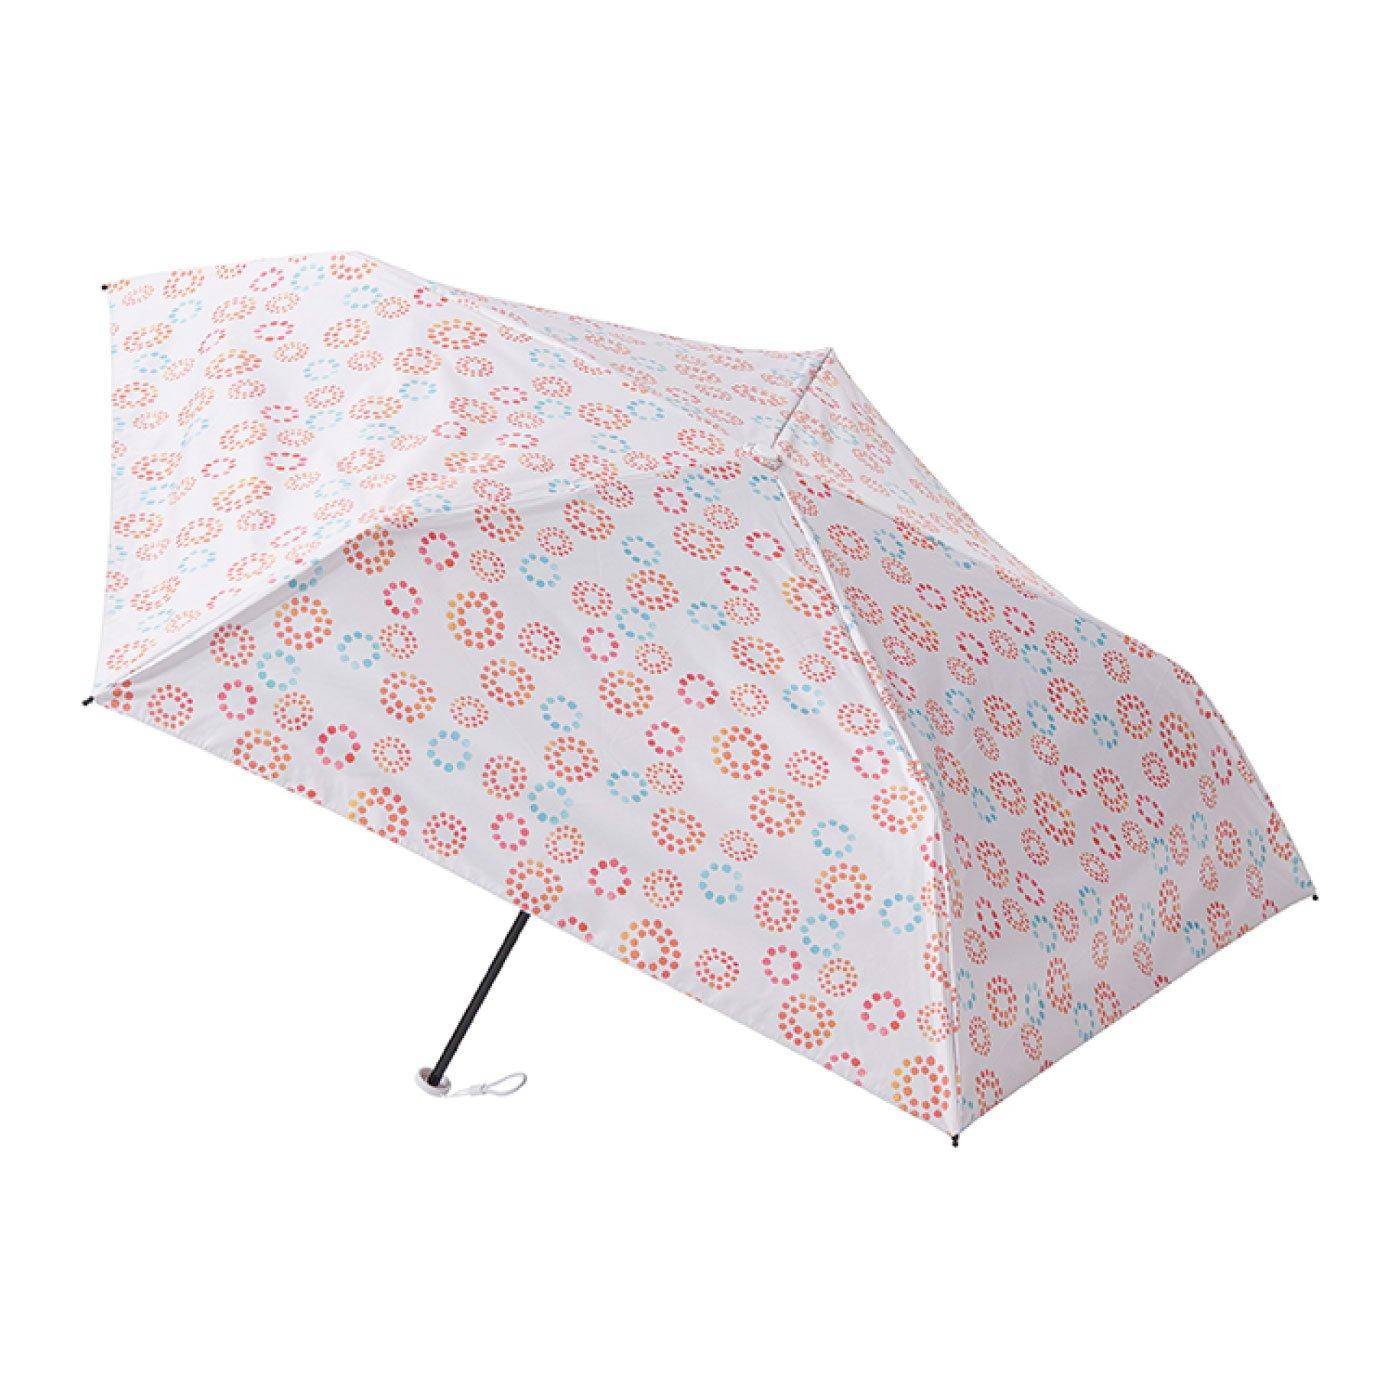 晴雨兼用 estaa / エスタ 一級遮光 超軽量傘 『ドットフラワー』